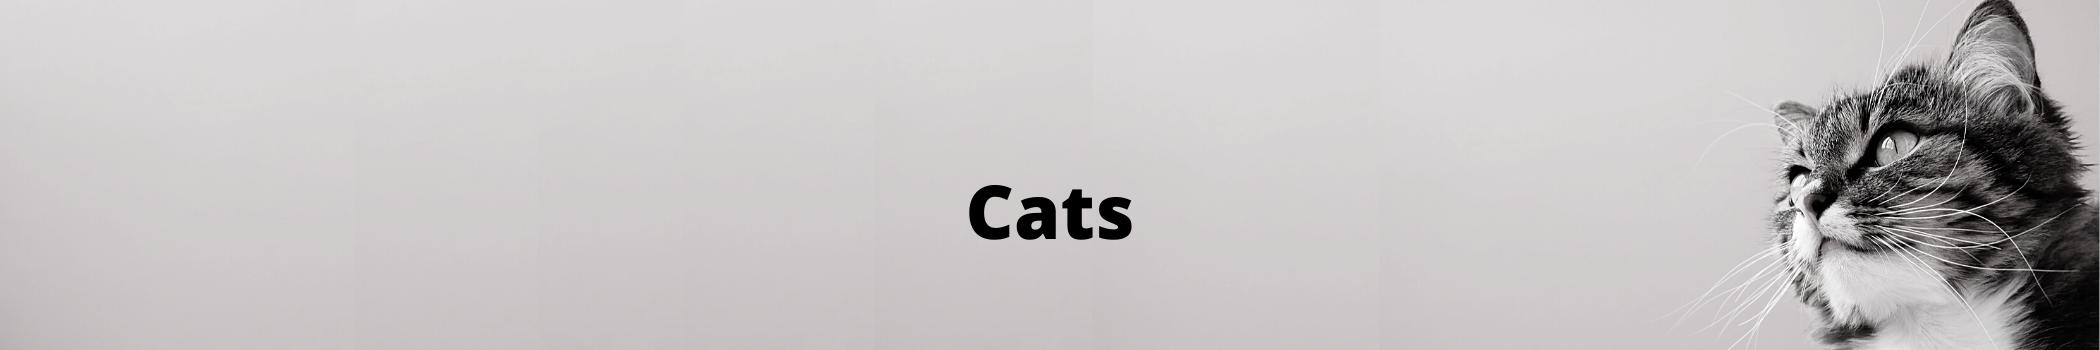 VFAH Cats Info Heading